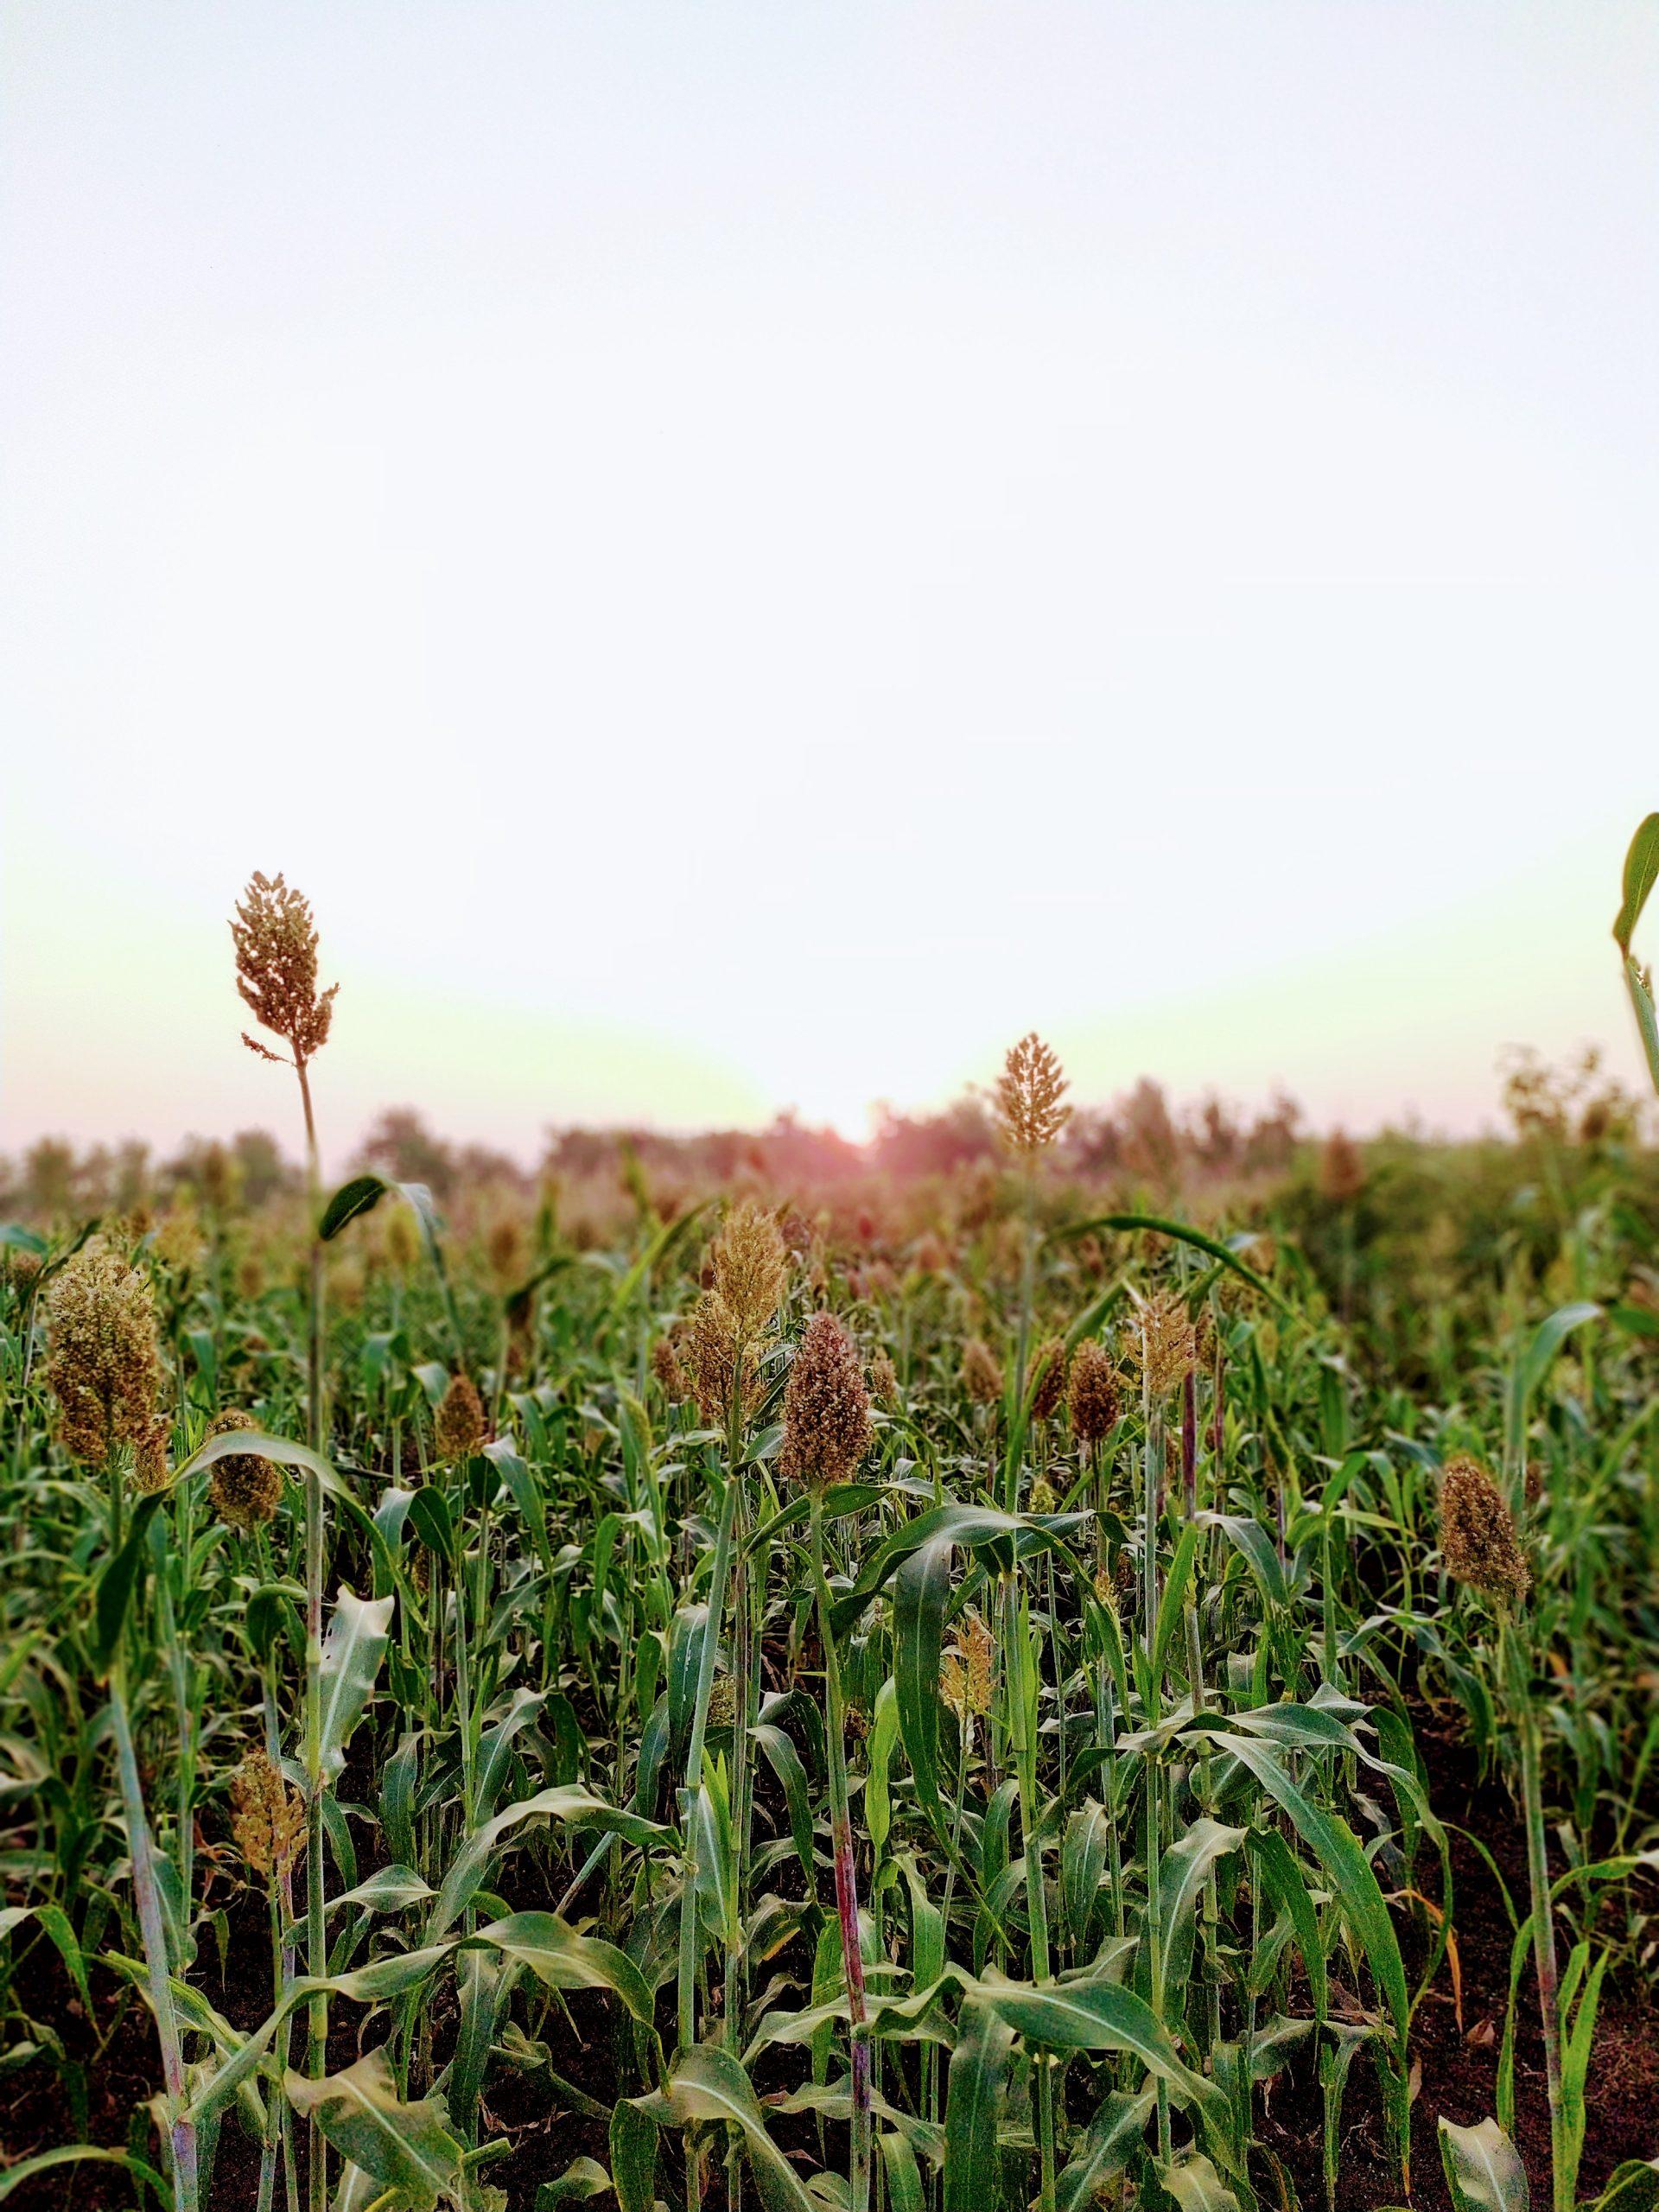 Plants in a field